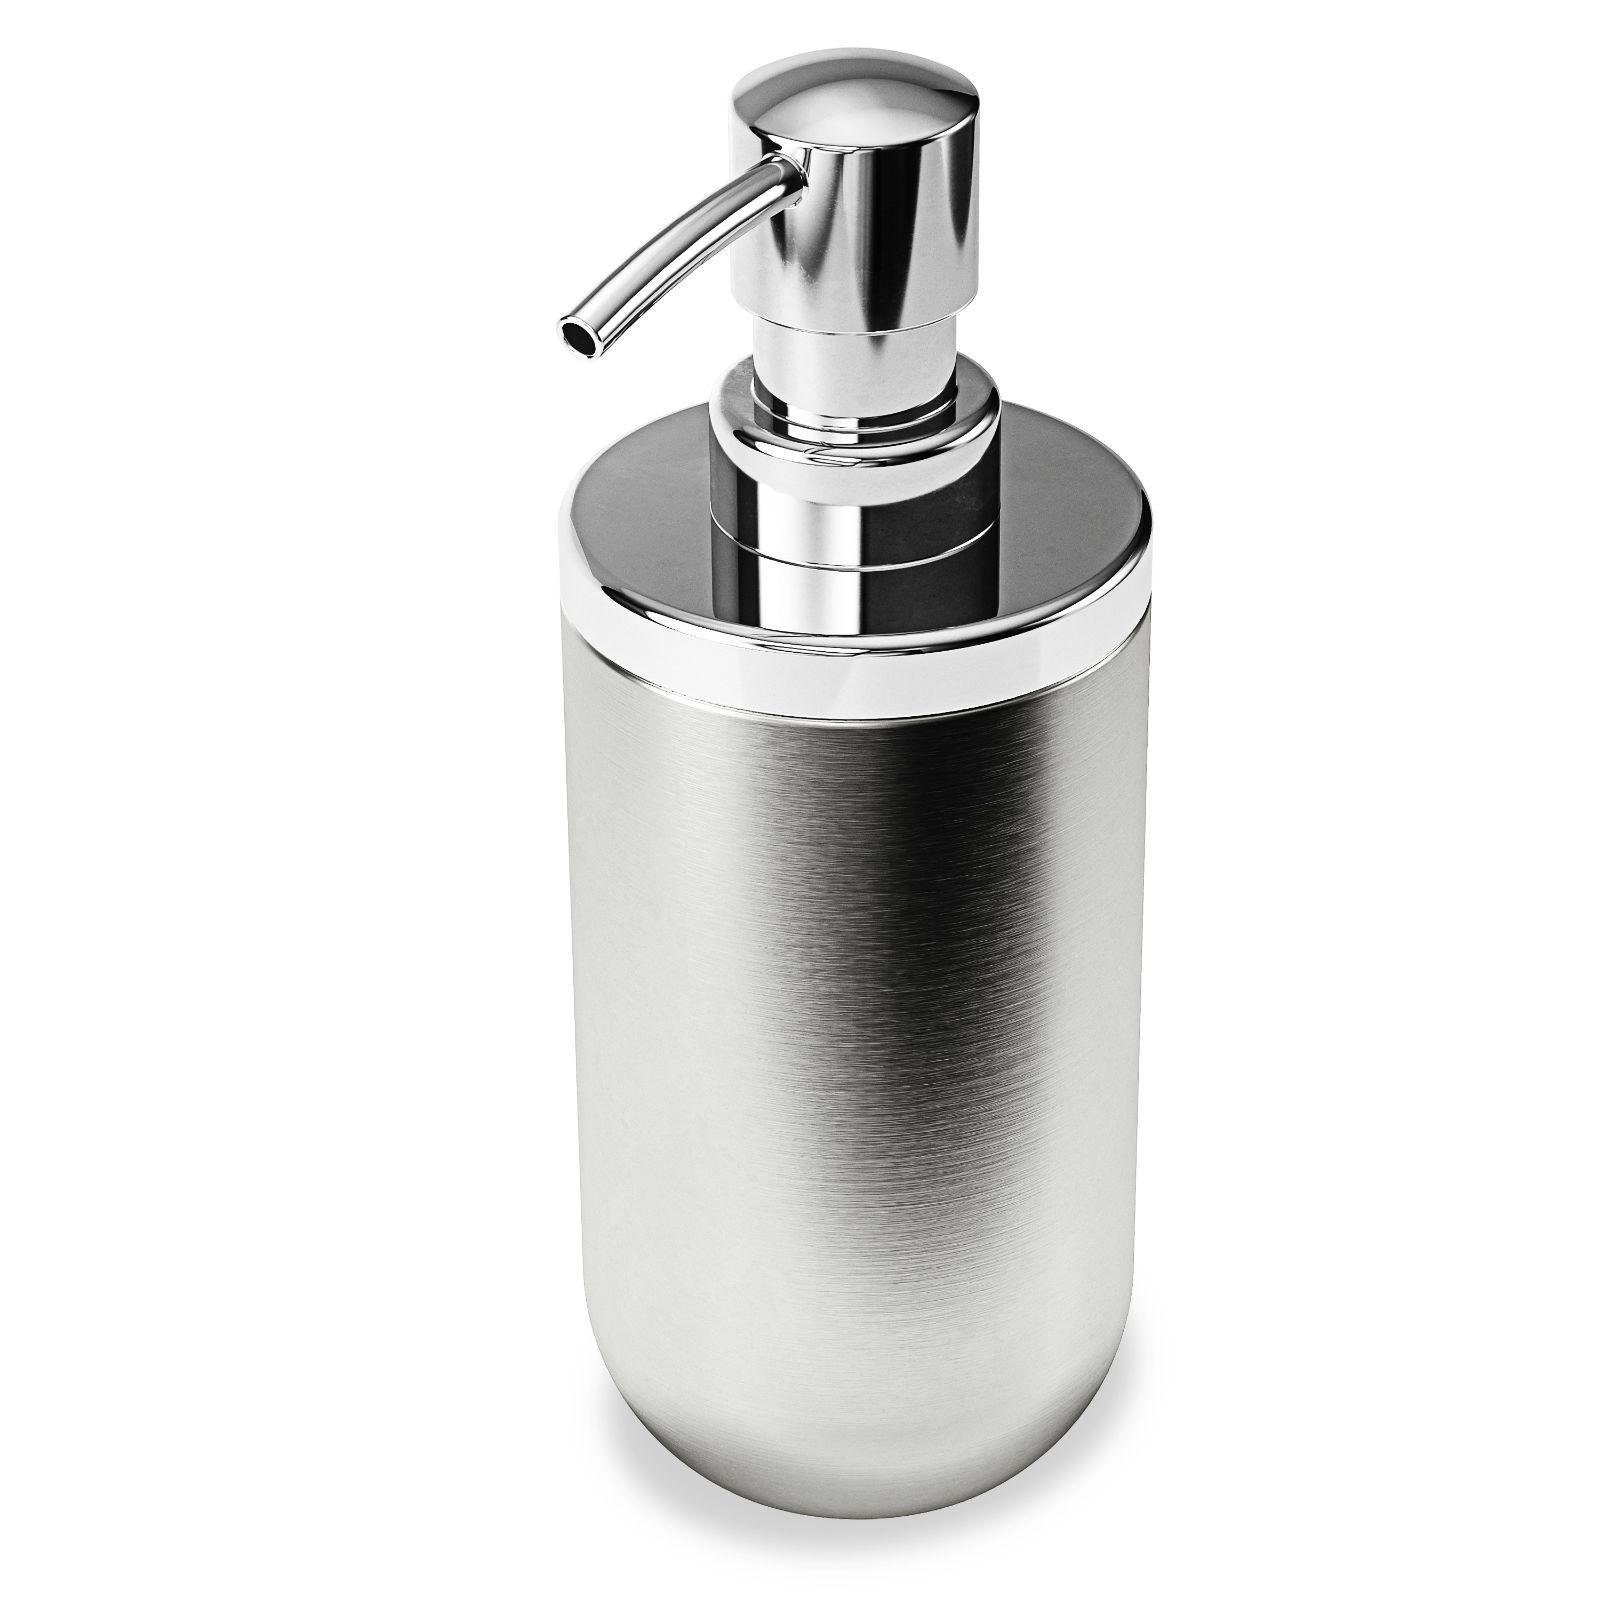 Junip Soap Pump (Stainless Steel) - Umbra